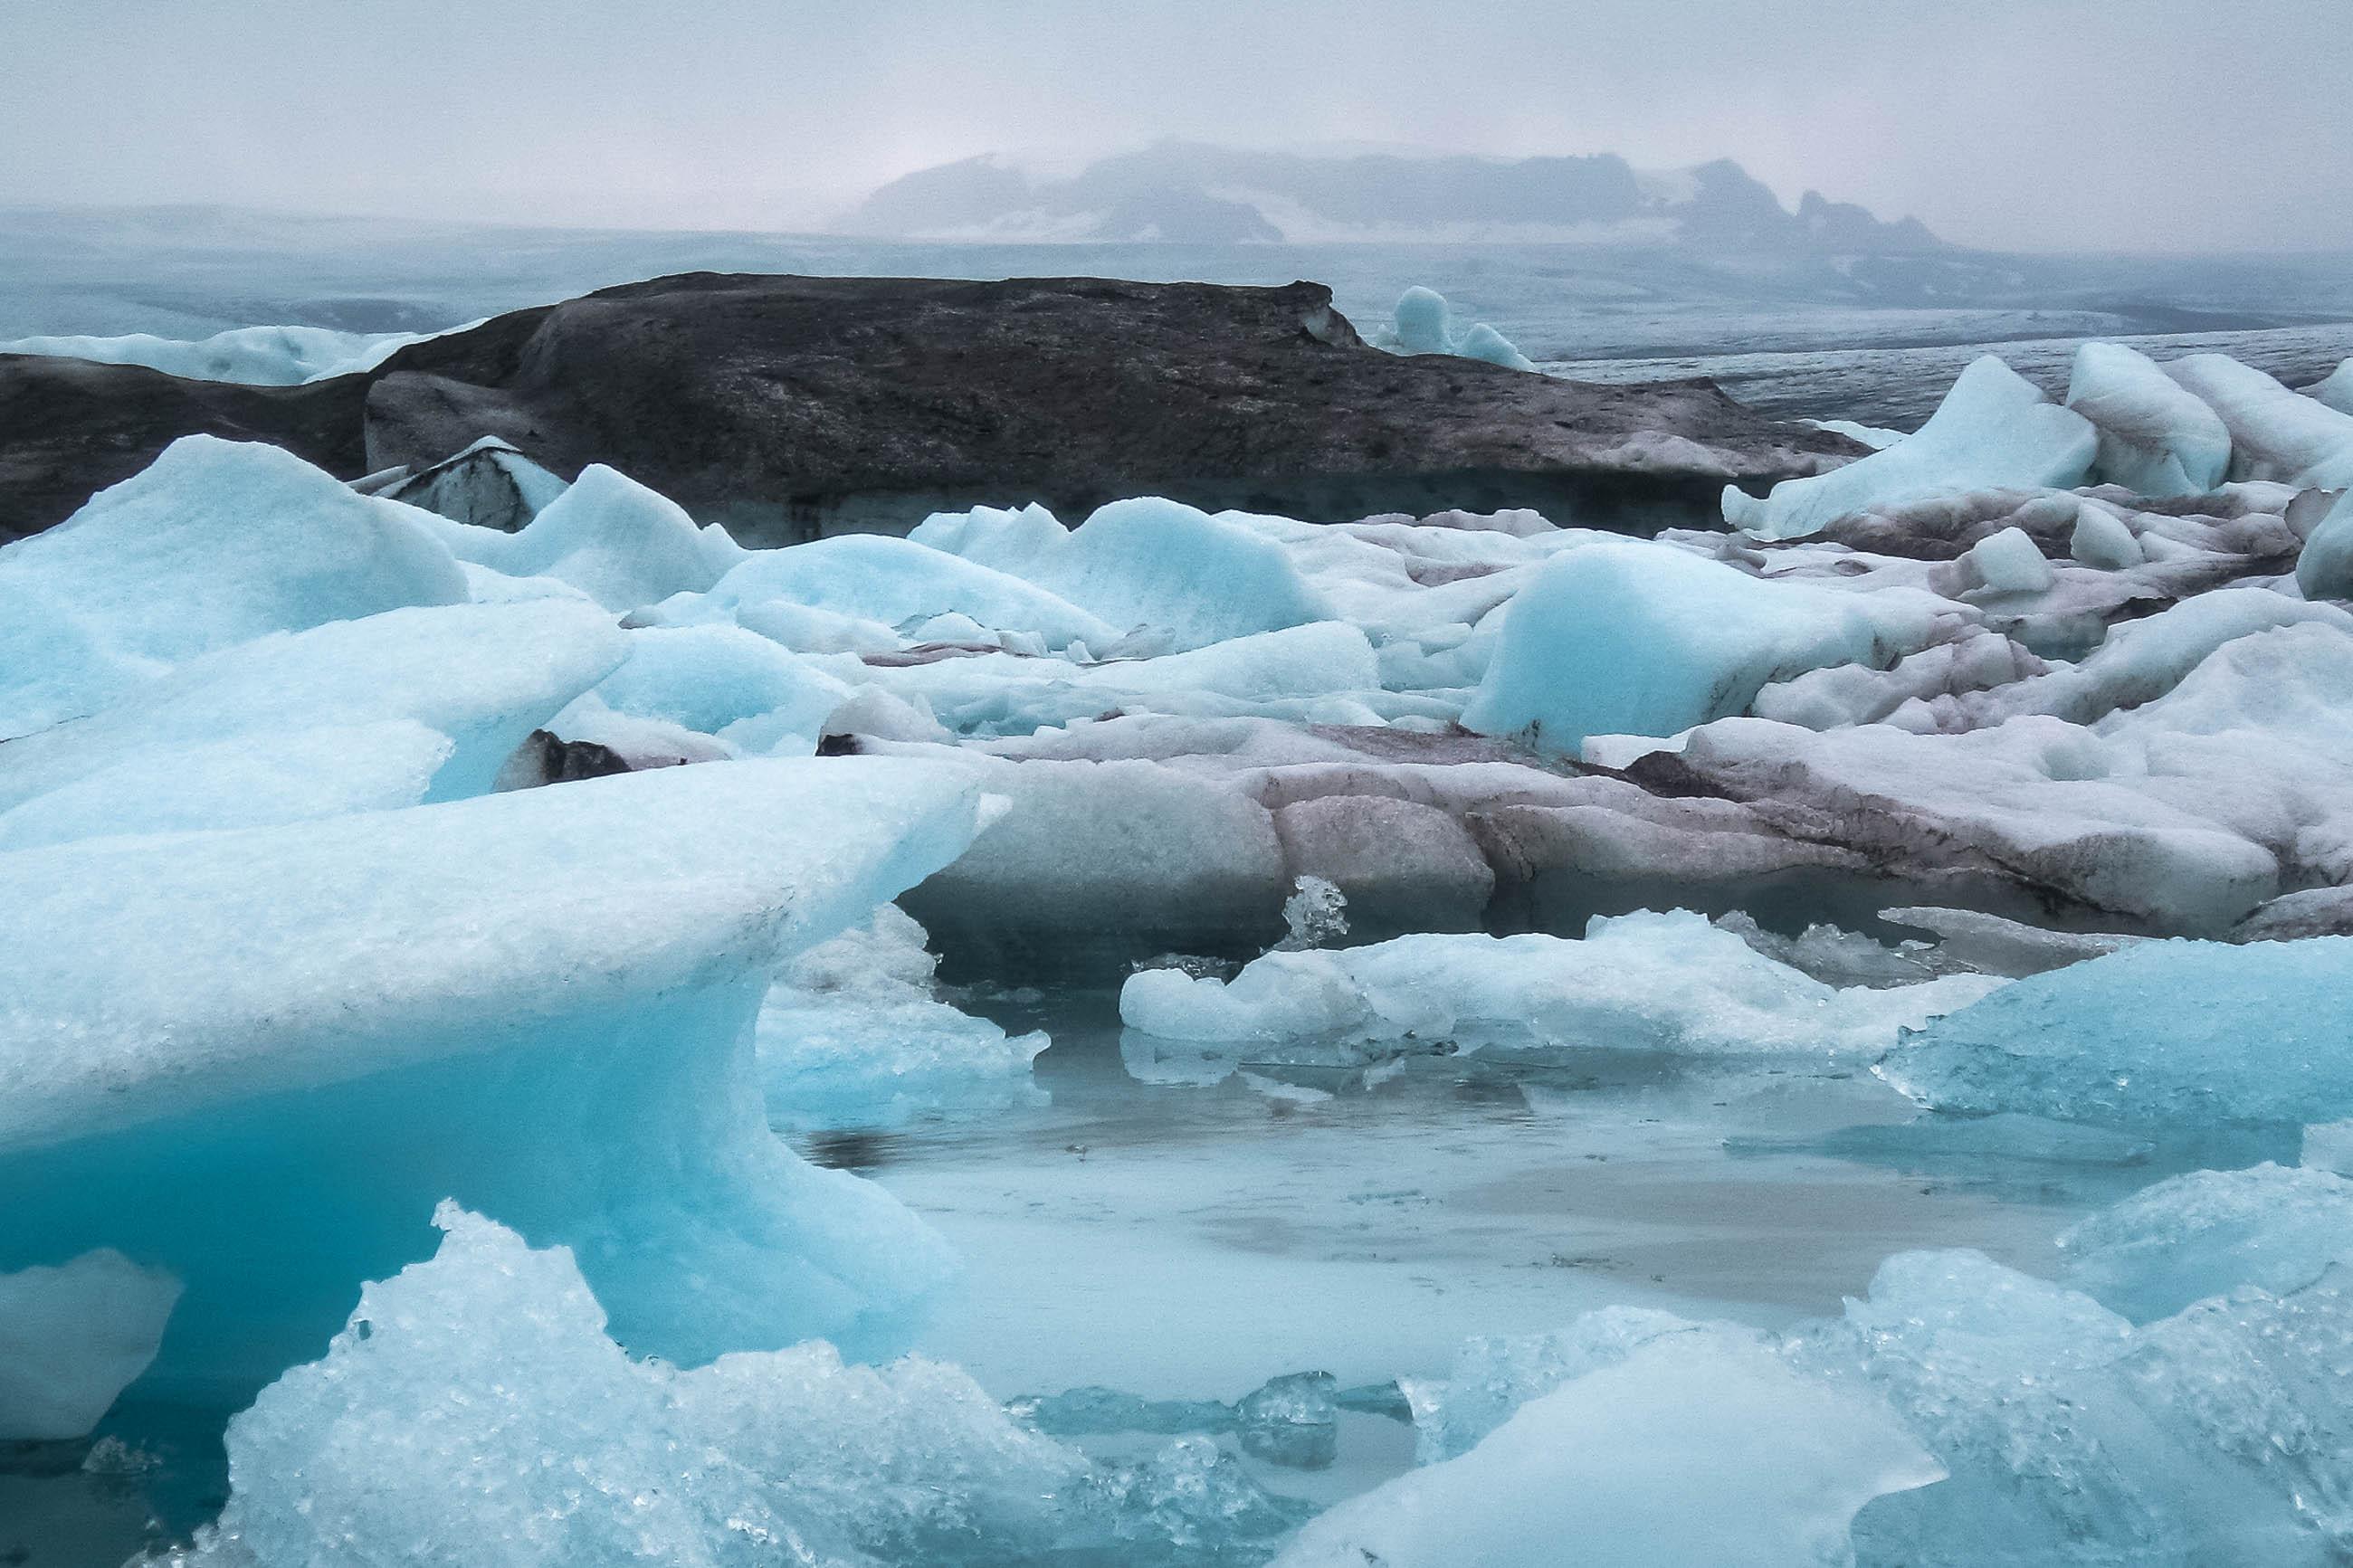 Treibende Eisstücke im Gletschersee Jökulsárlón beim Gletscher Fjallsjökull, Island - © FRASHO / franks-travelbox